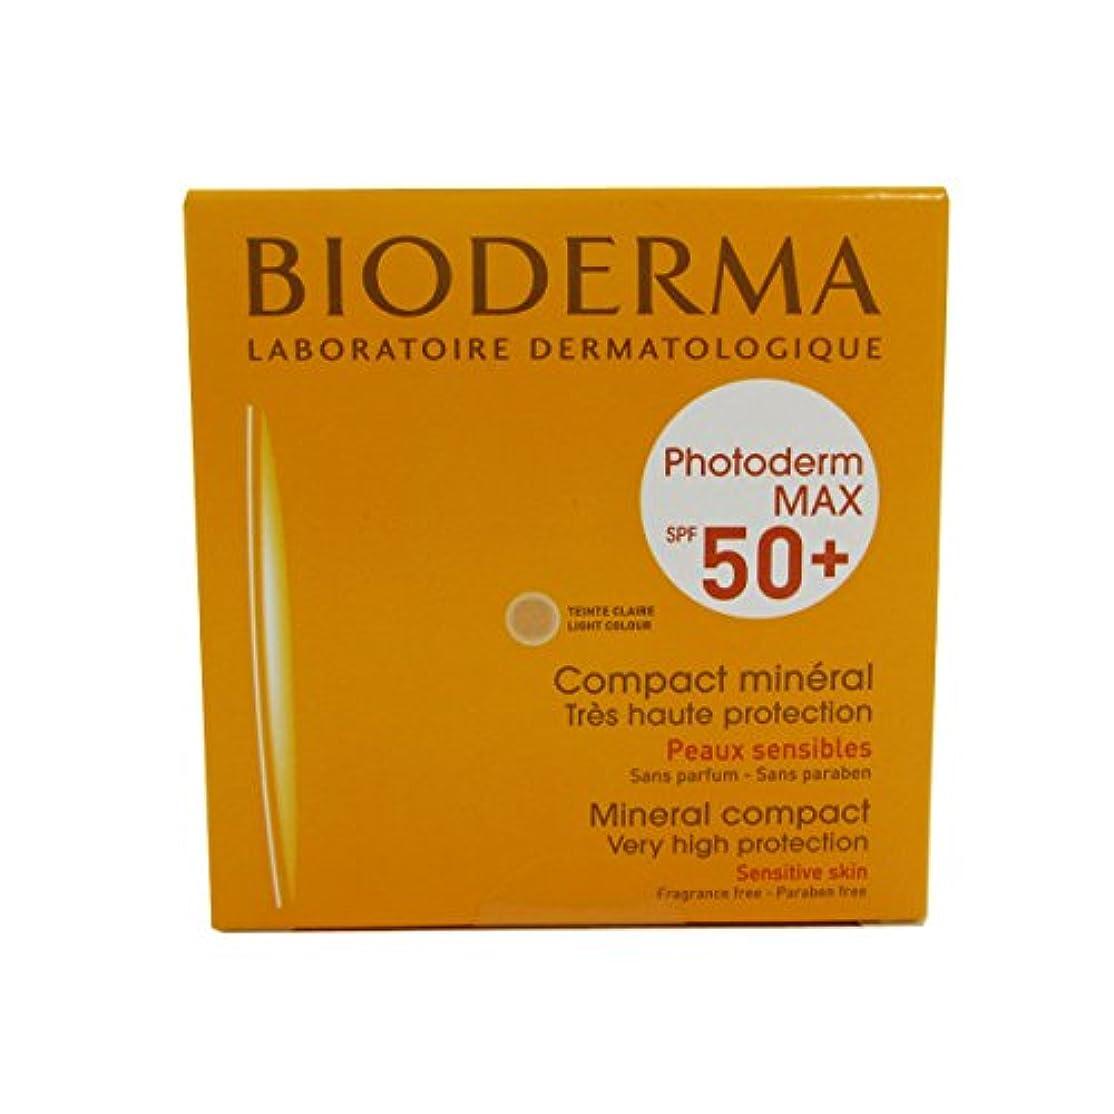 スナック光沢通知Bioderma Photoderm Max Compact Mineral 50+ Light 10g [並行輸入品]